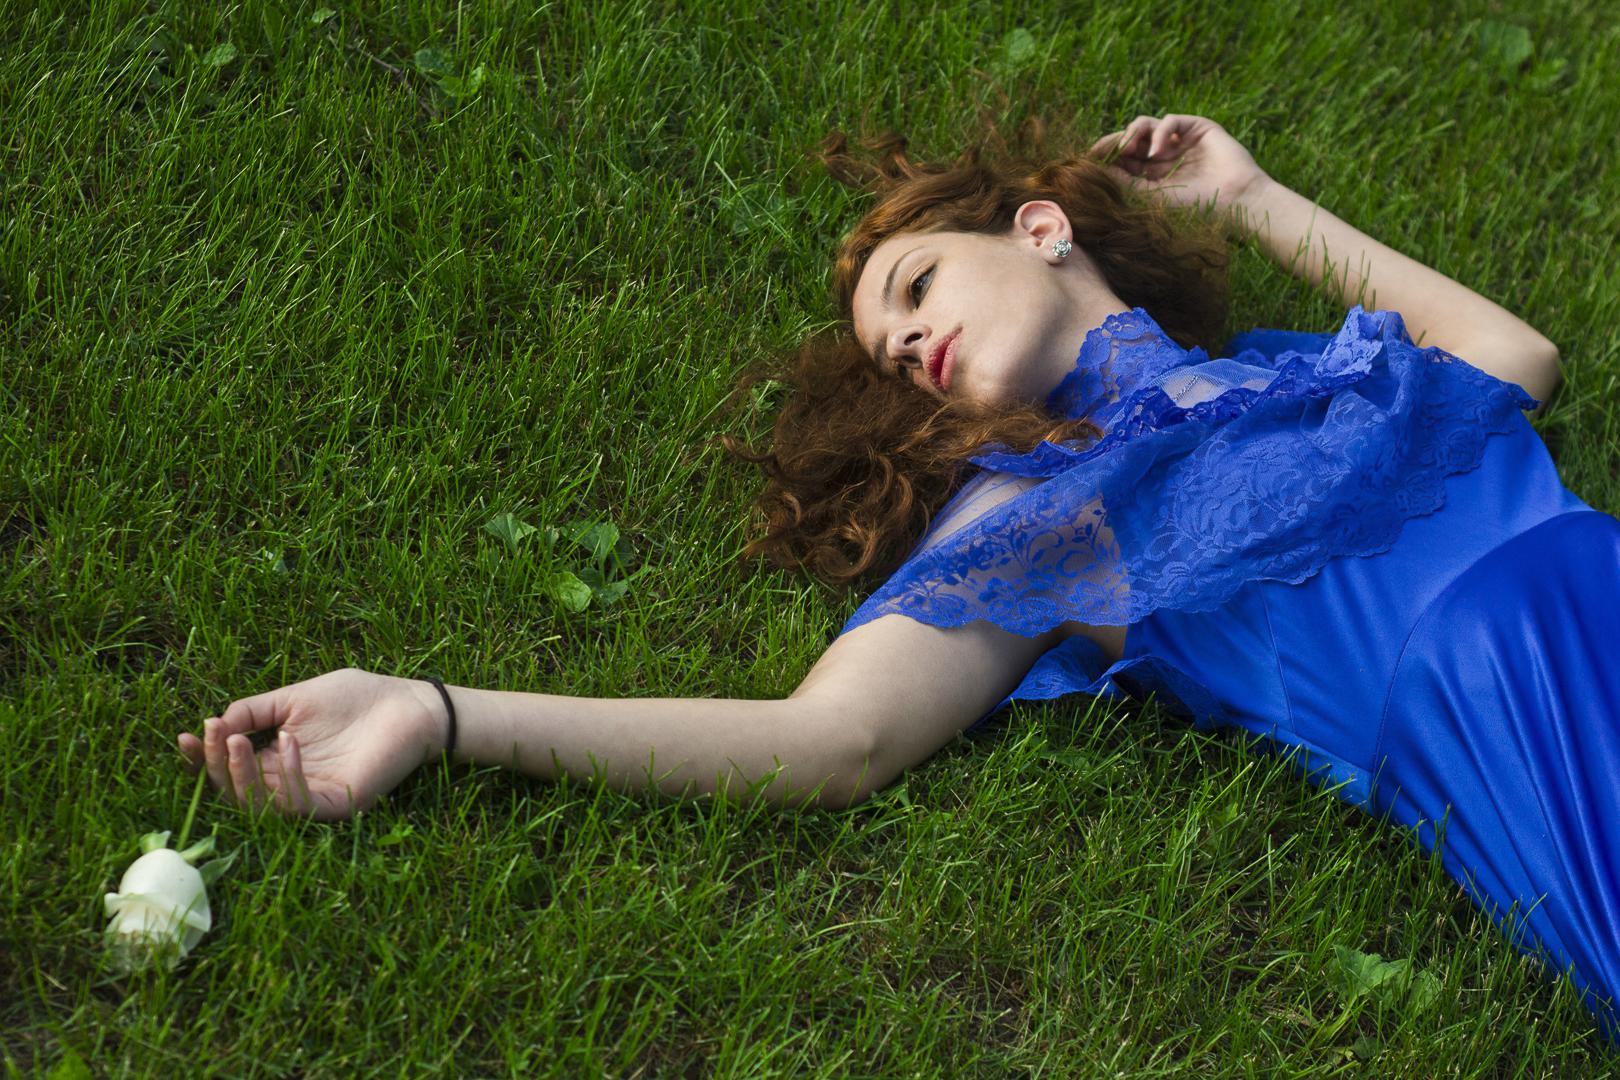 bluedress-21.jpg